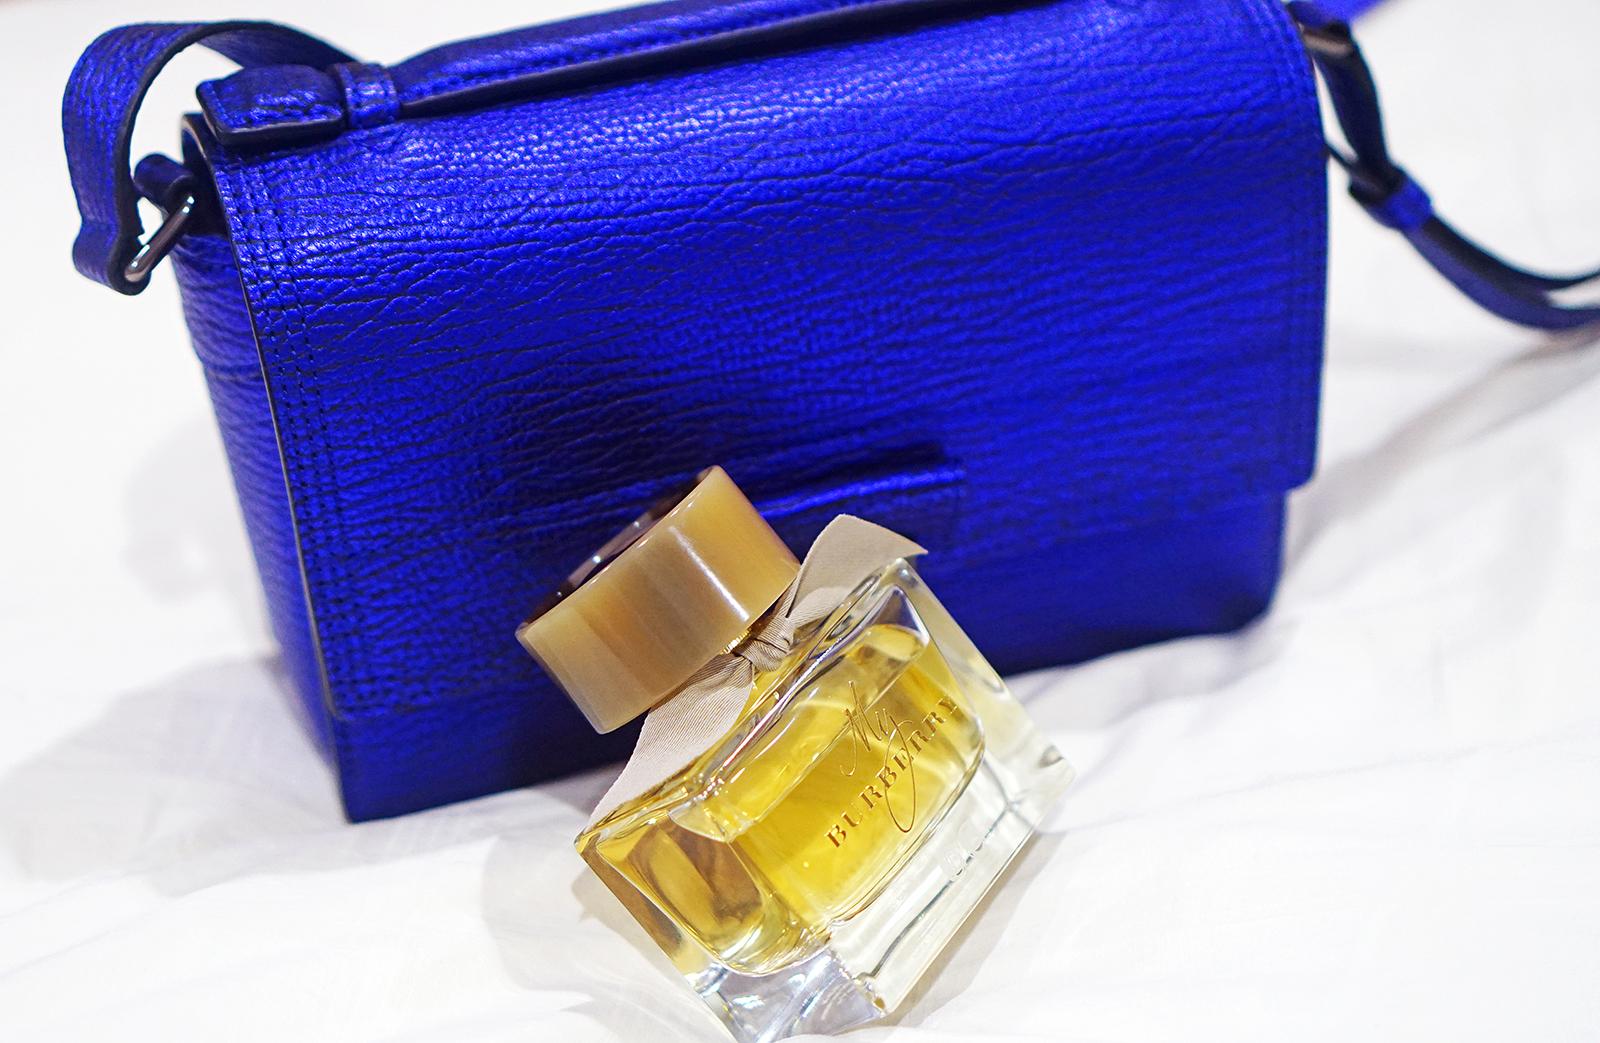 3.1 Phillip Lim Pashli Mini Messenger, My Burberry Perfume